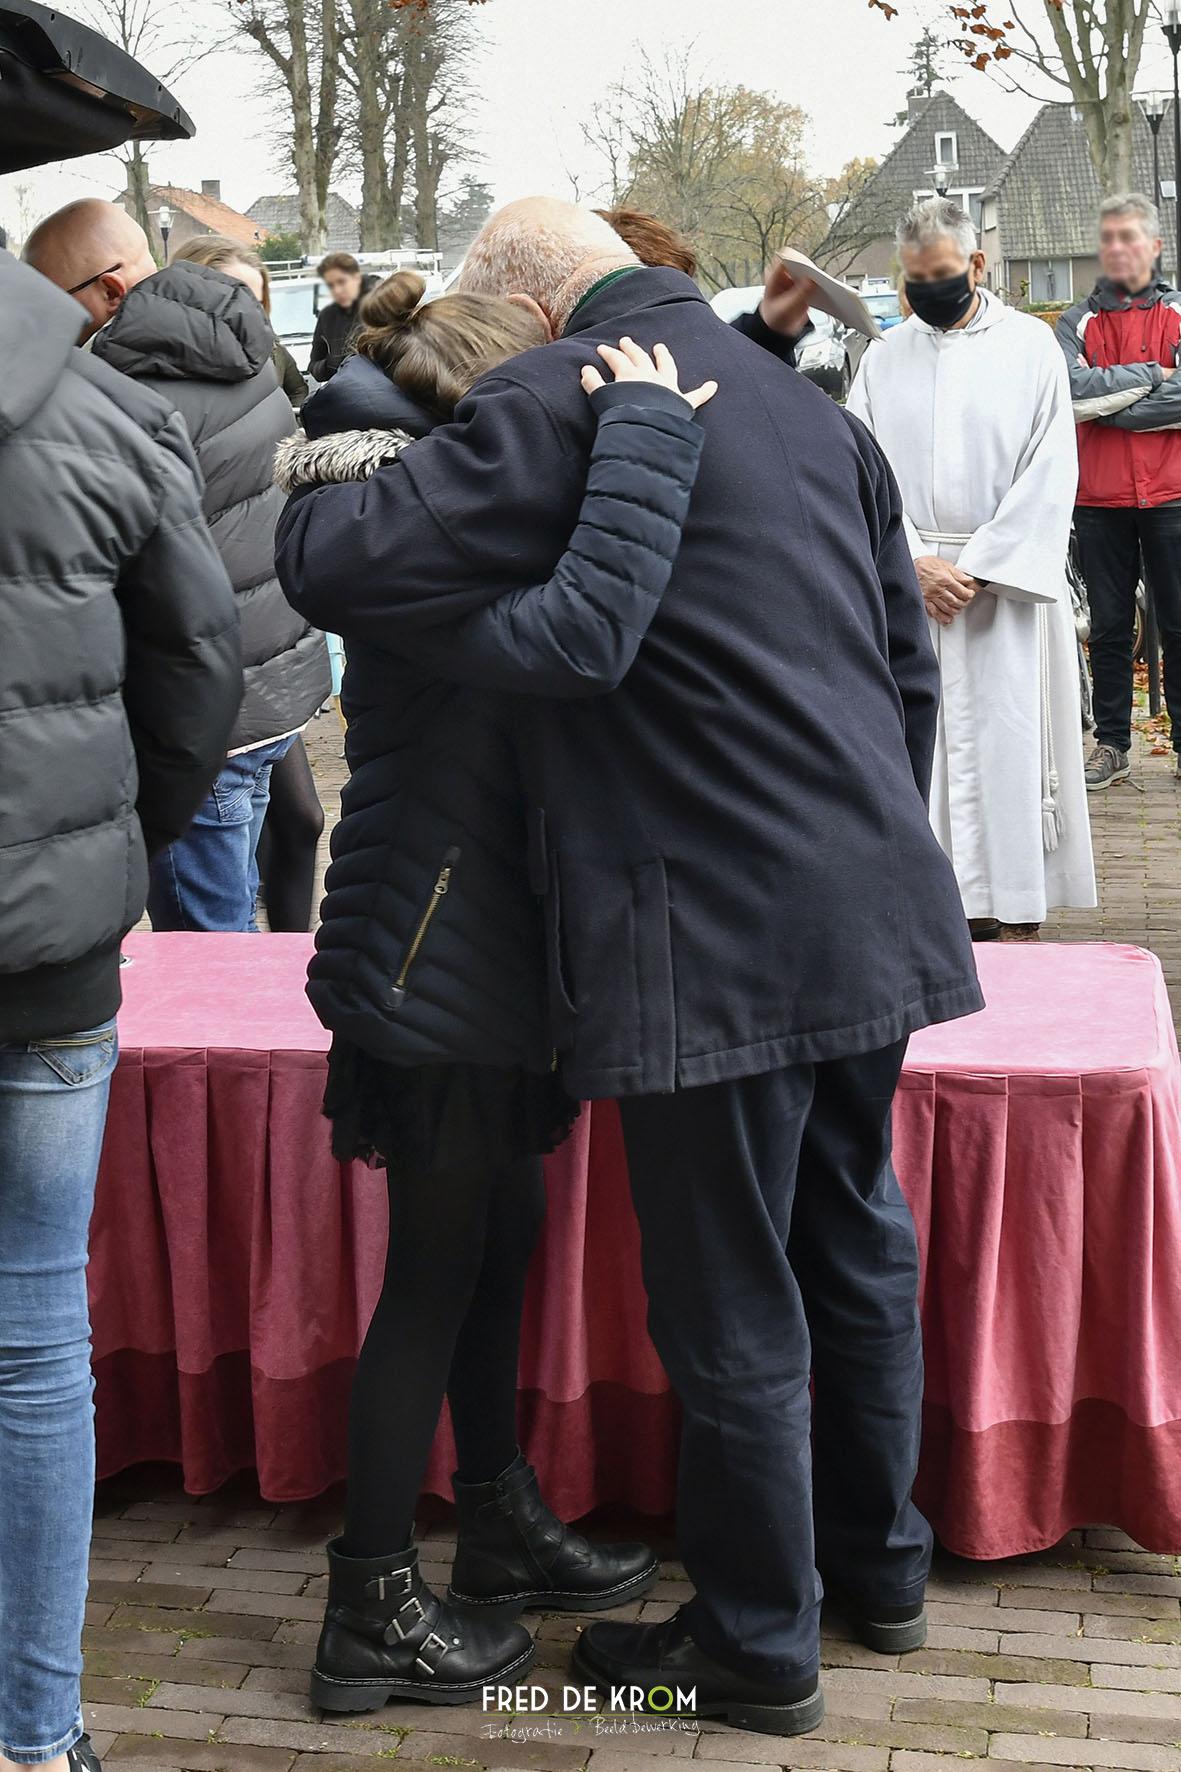 Foto tijdens begrafenis in Veldhoven, kist in rouwauto gezet. Troostende schouder.